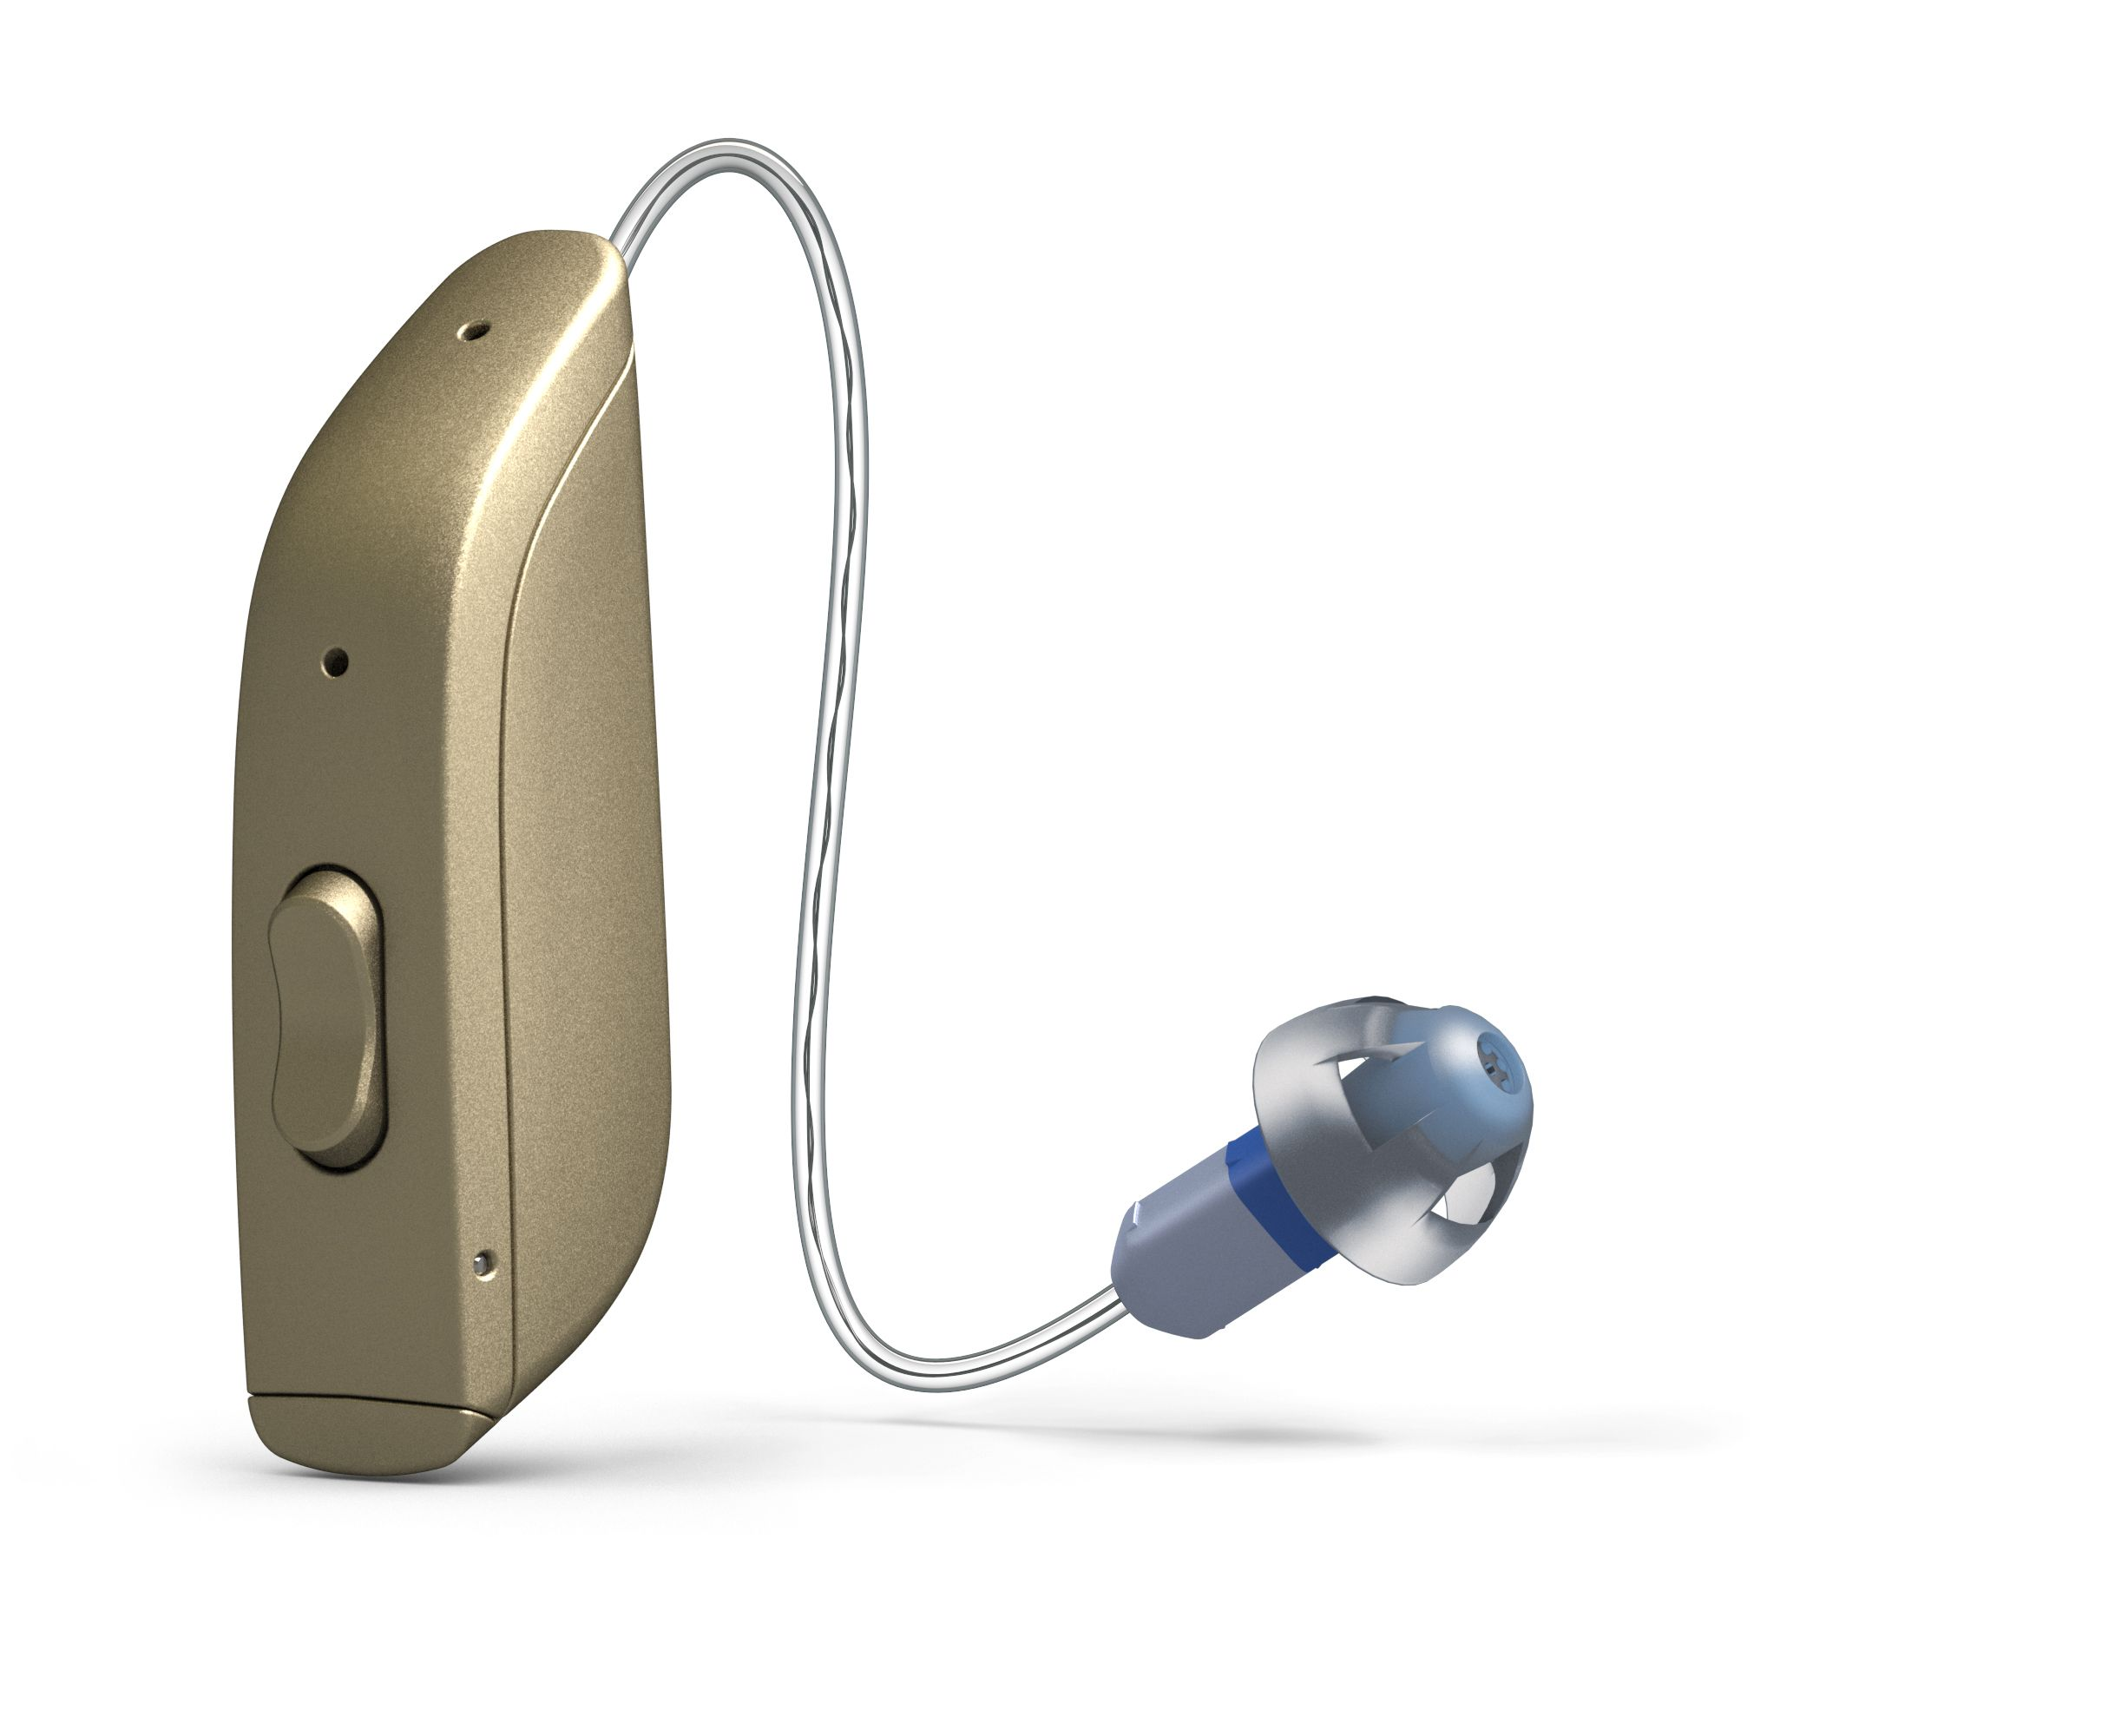 Foto de ReSound ONE 5, audición orgánica premium, al precio más